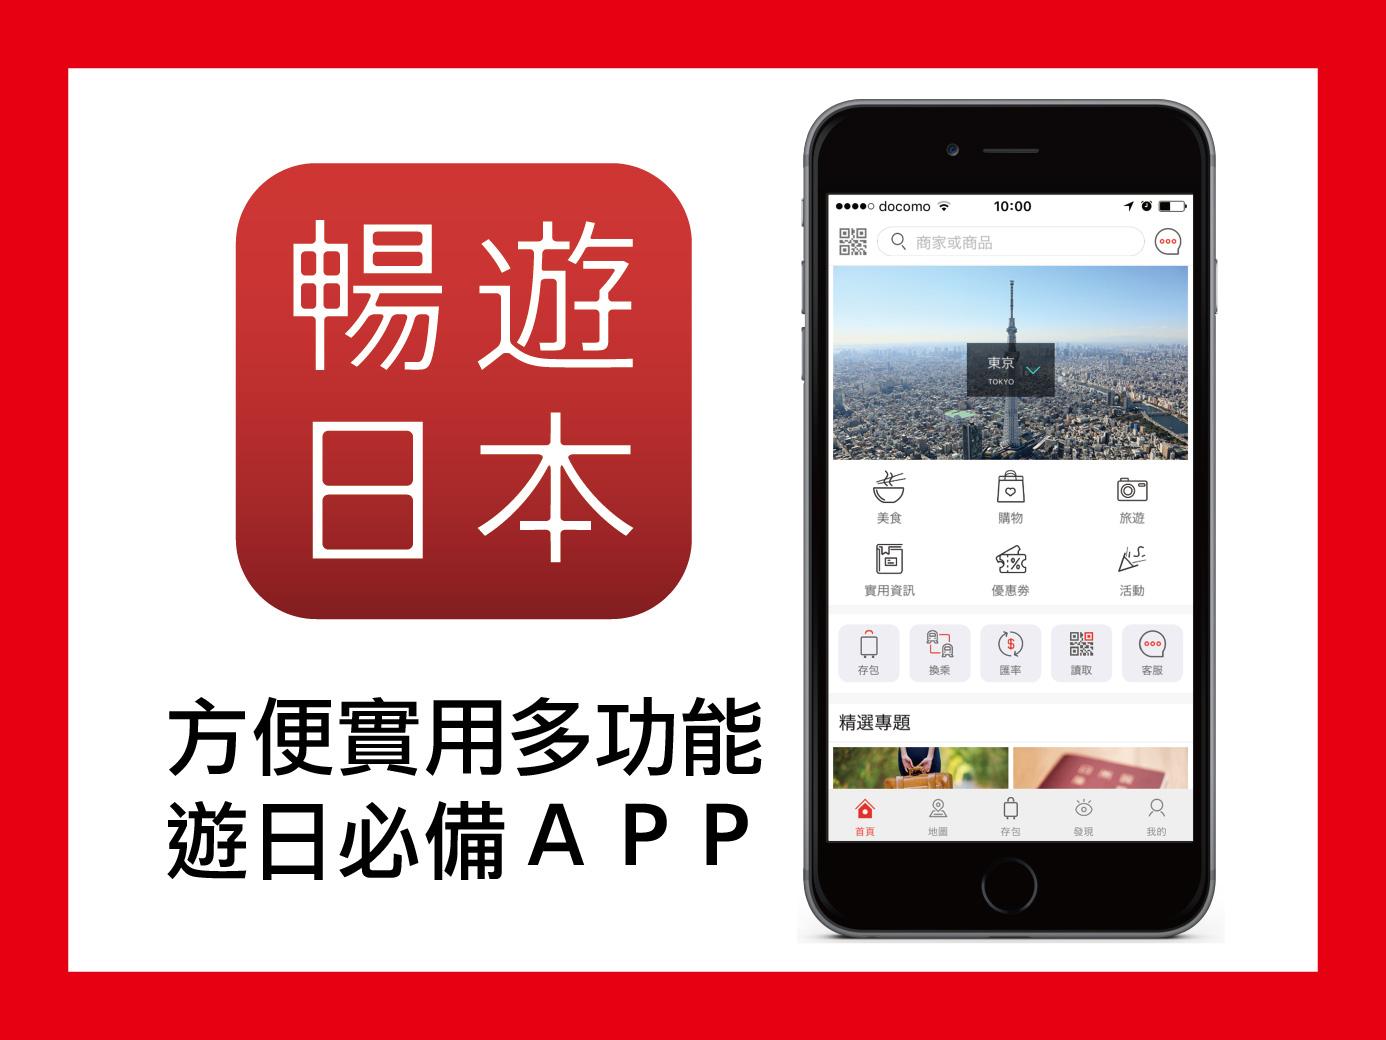 一站式多功能的「暢遊日本APP」旅日最佳夥伴不能錯過~快來體驗拿獎金!